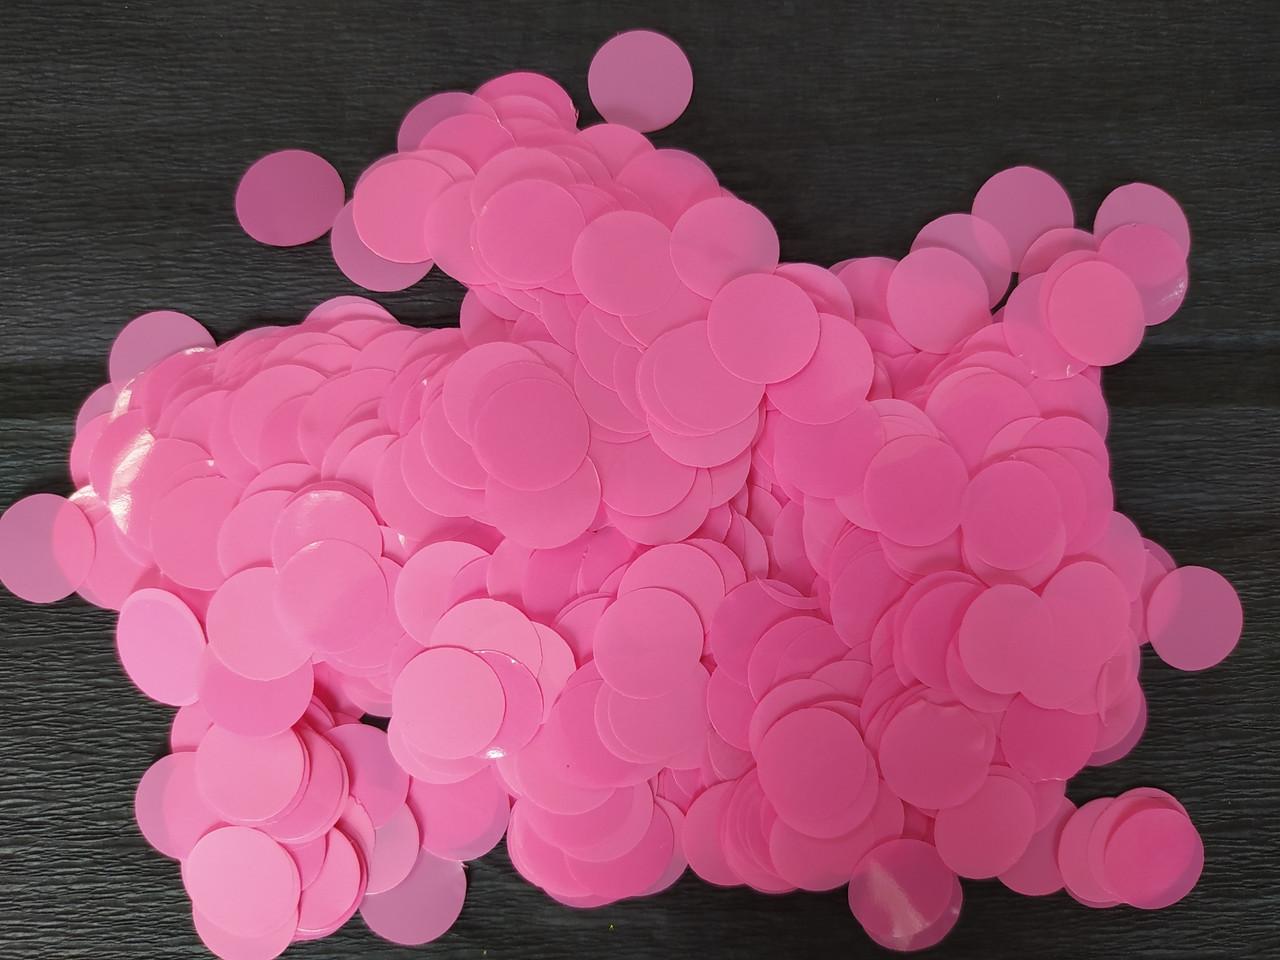 Аксесуари для свята конфеті Кружечки світло рожеві 12 мм х 12 мм 100 грам